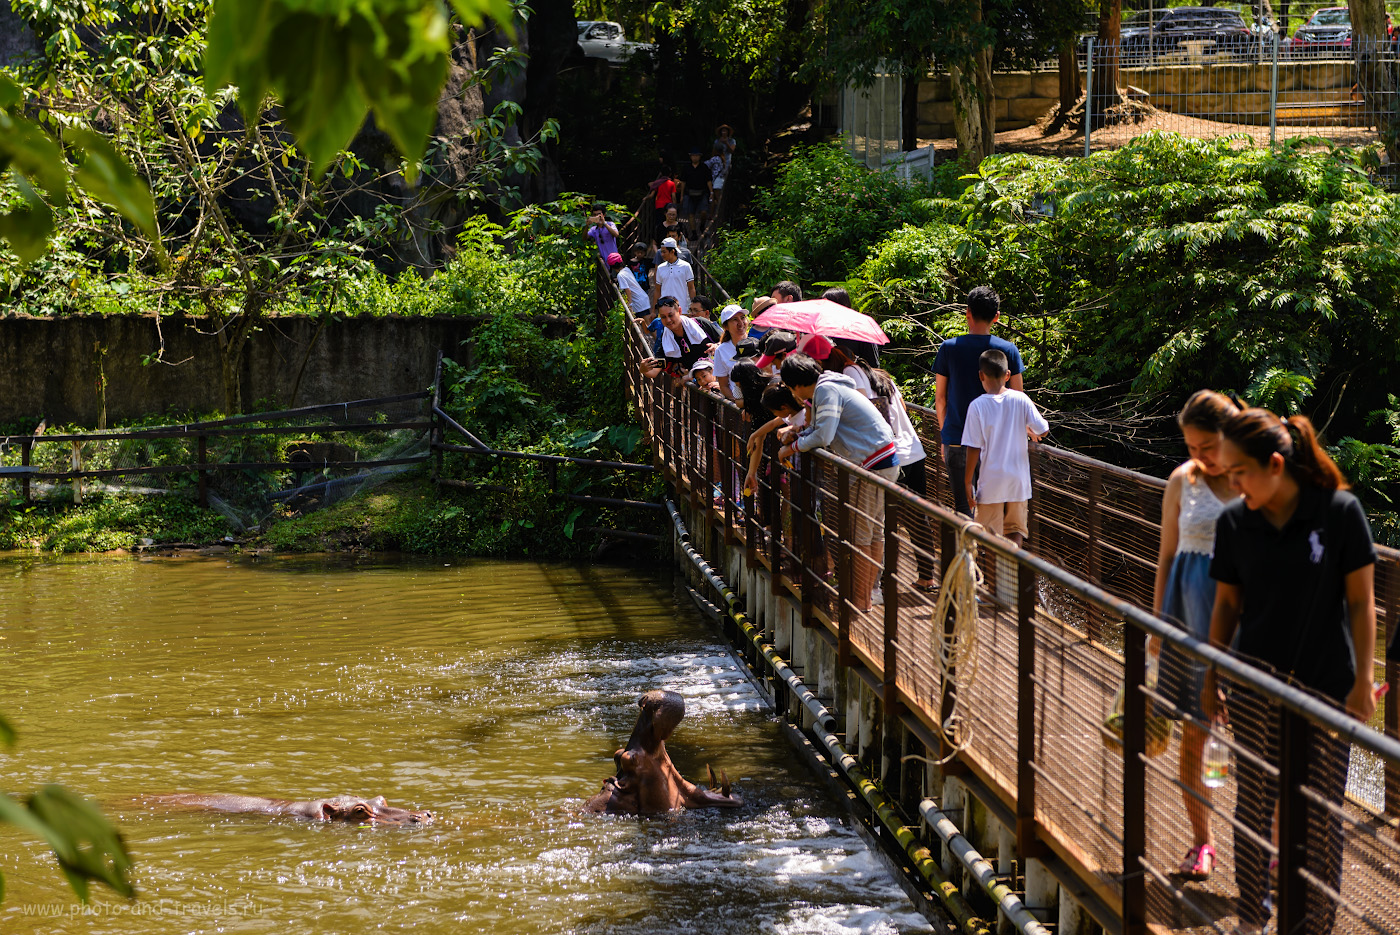 Фотография 2. Посетители кормят бегемотов в Khao Kheow Open Zoo. Отзывы туристов об экскурсиях в Паттайе. Отчет о самостоятельном отдыхе в Таиланде. Фотоаппарат Nikon D610 + Nikon 24-70mm f/2.8G. Параметры: 1/500, 3.5, 110, 70.